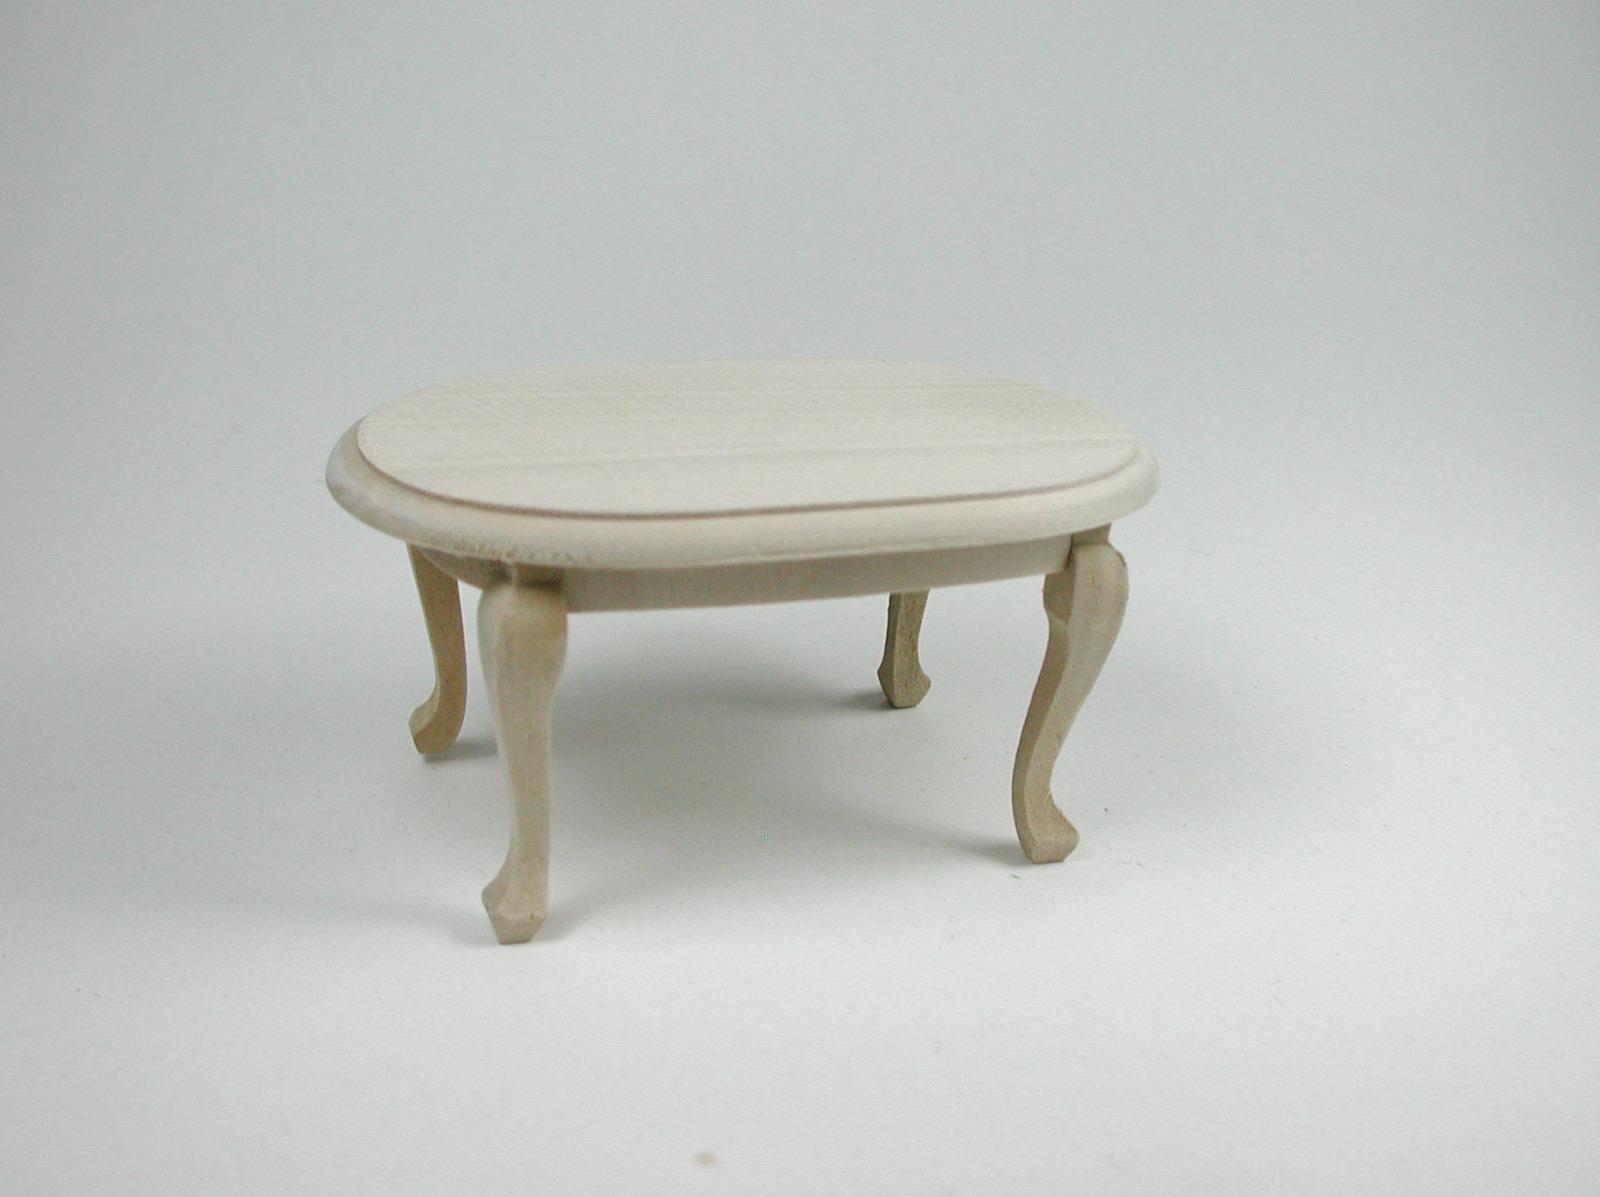 Couchtisch oval 1:12 Miniatur